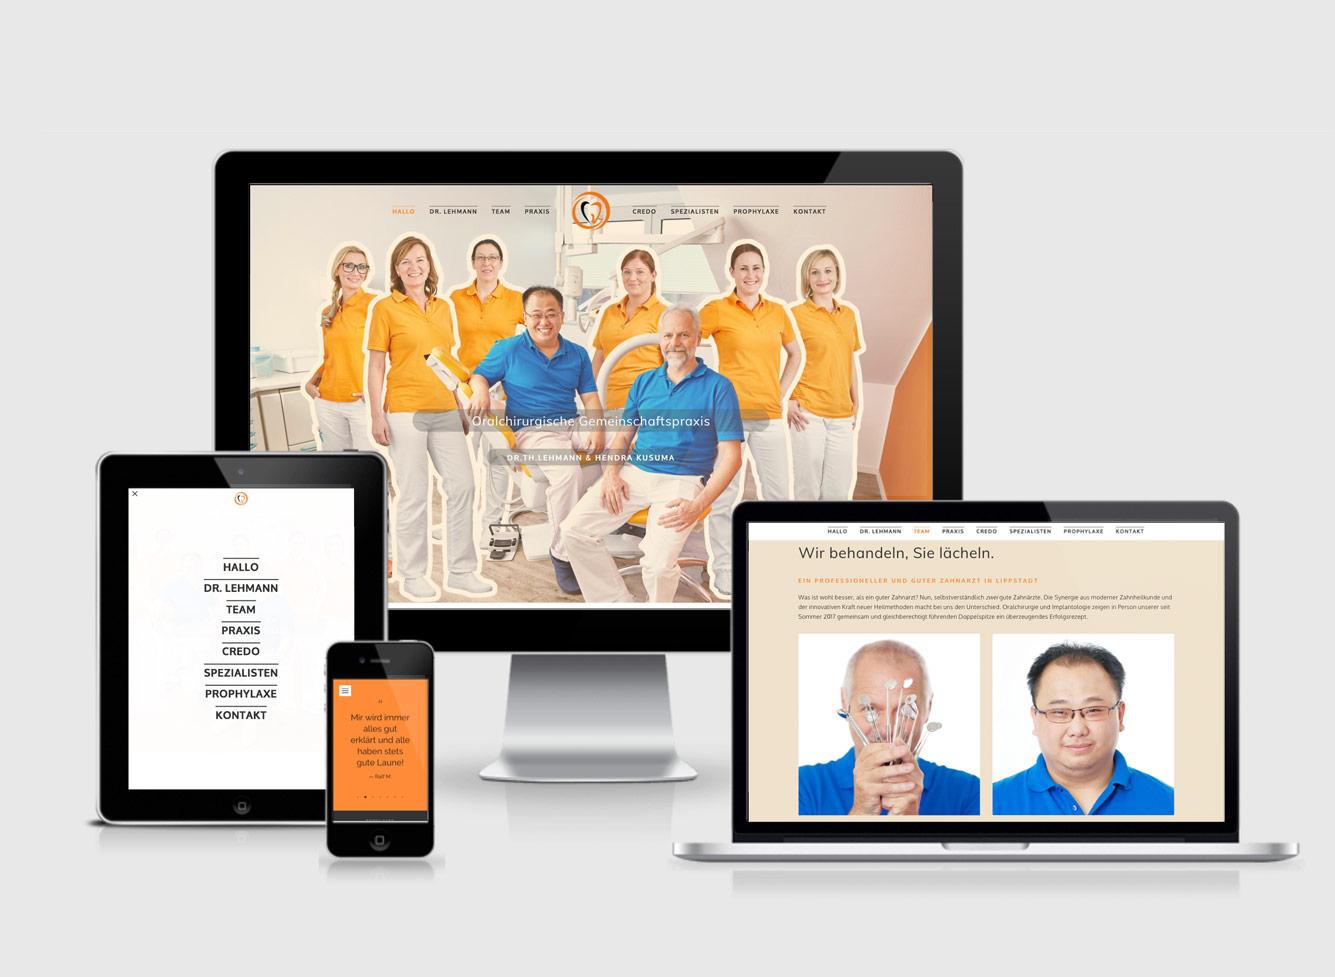 lehmann-homepage-CROP-18-2.jpg